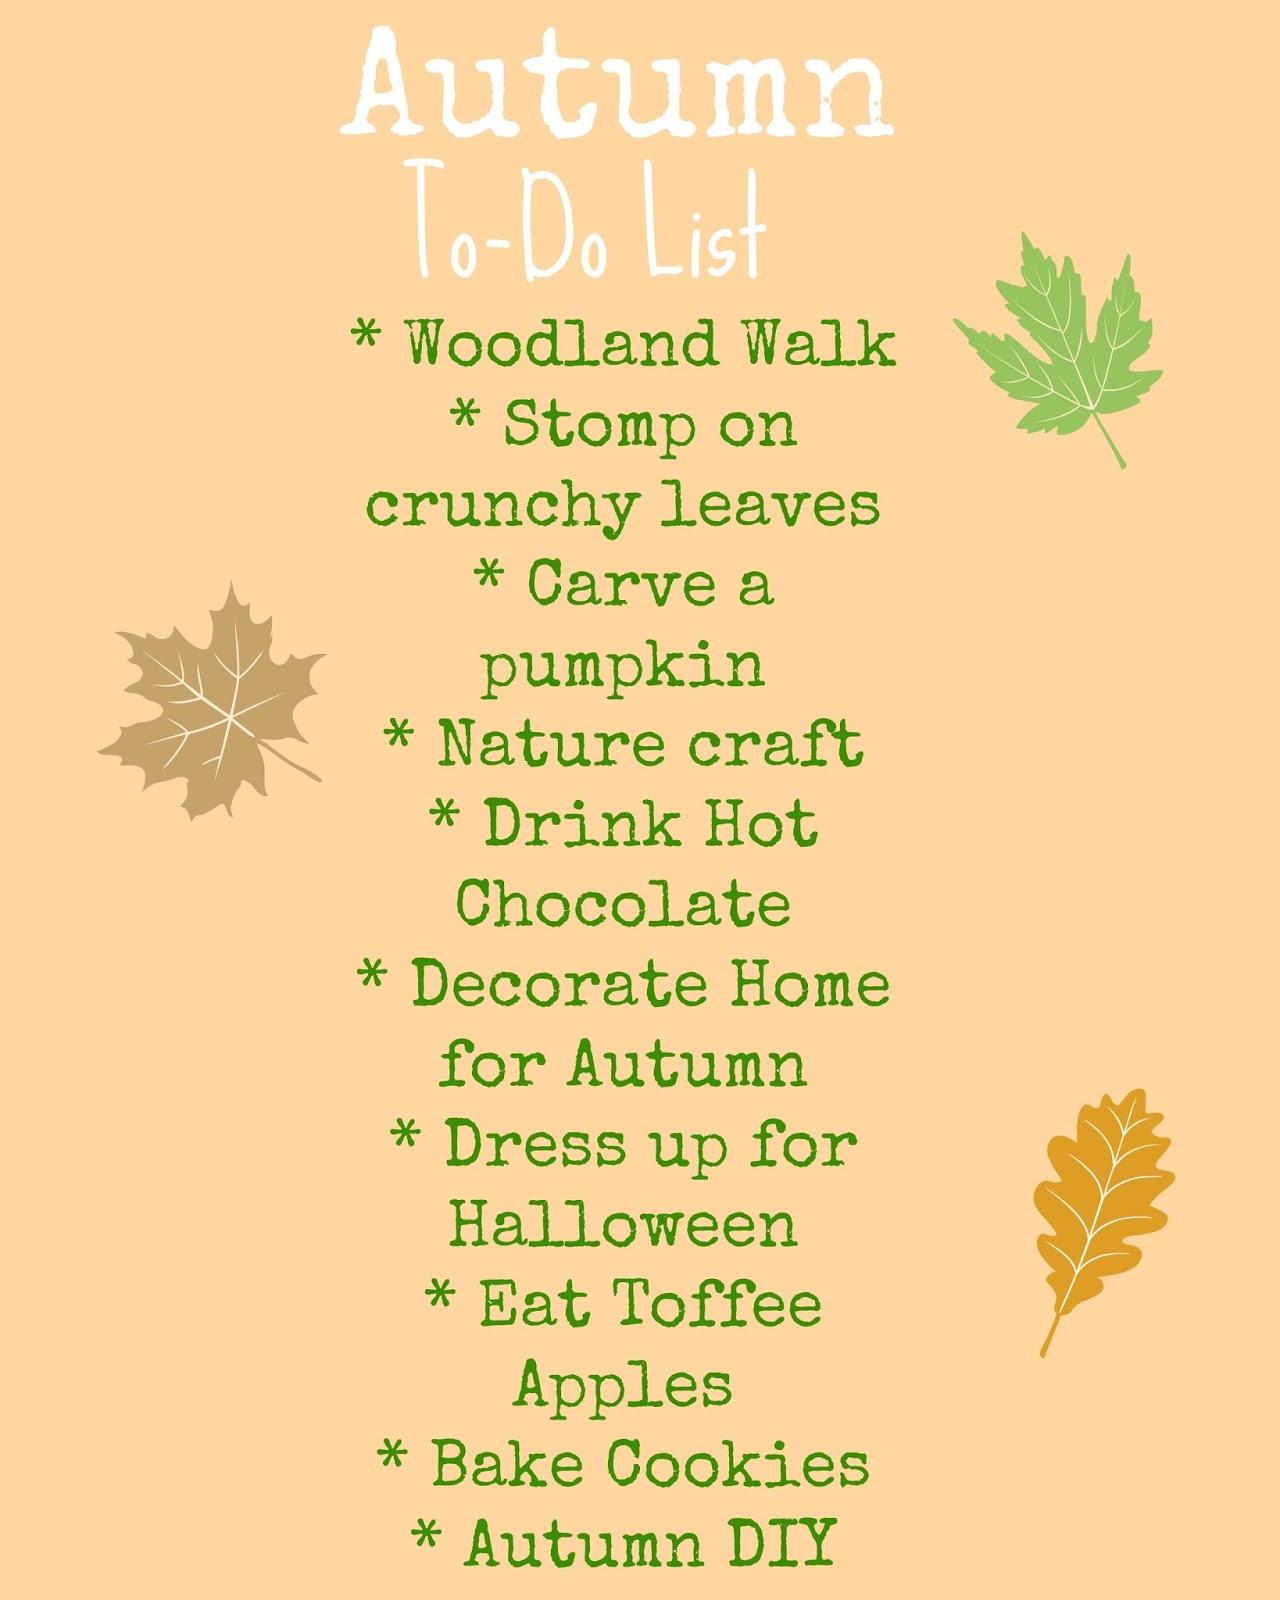 Why do I like autumn